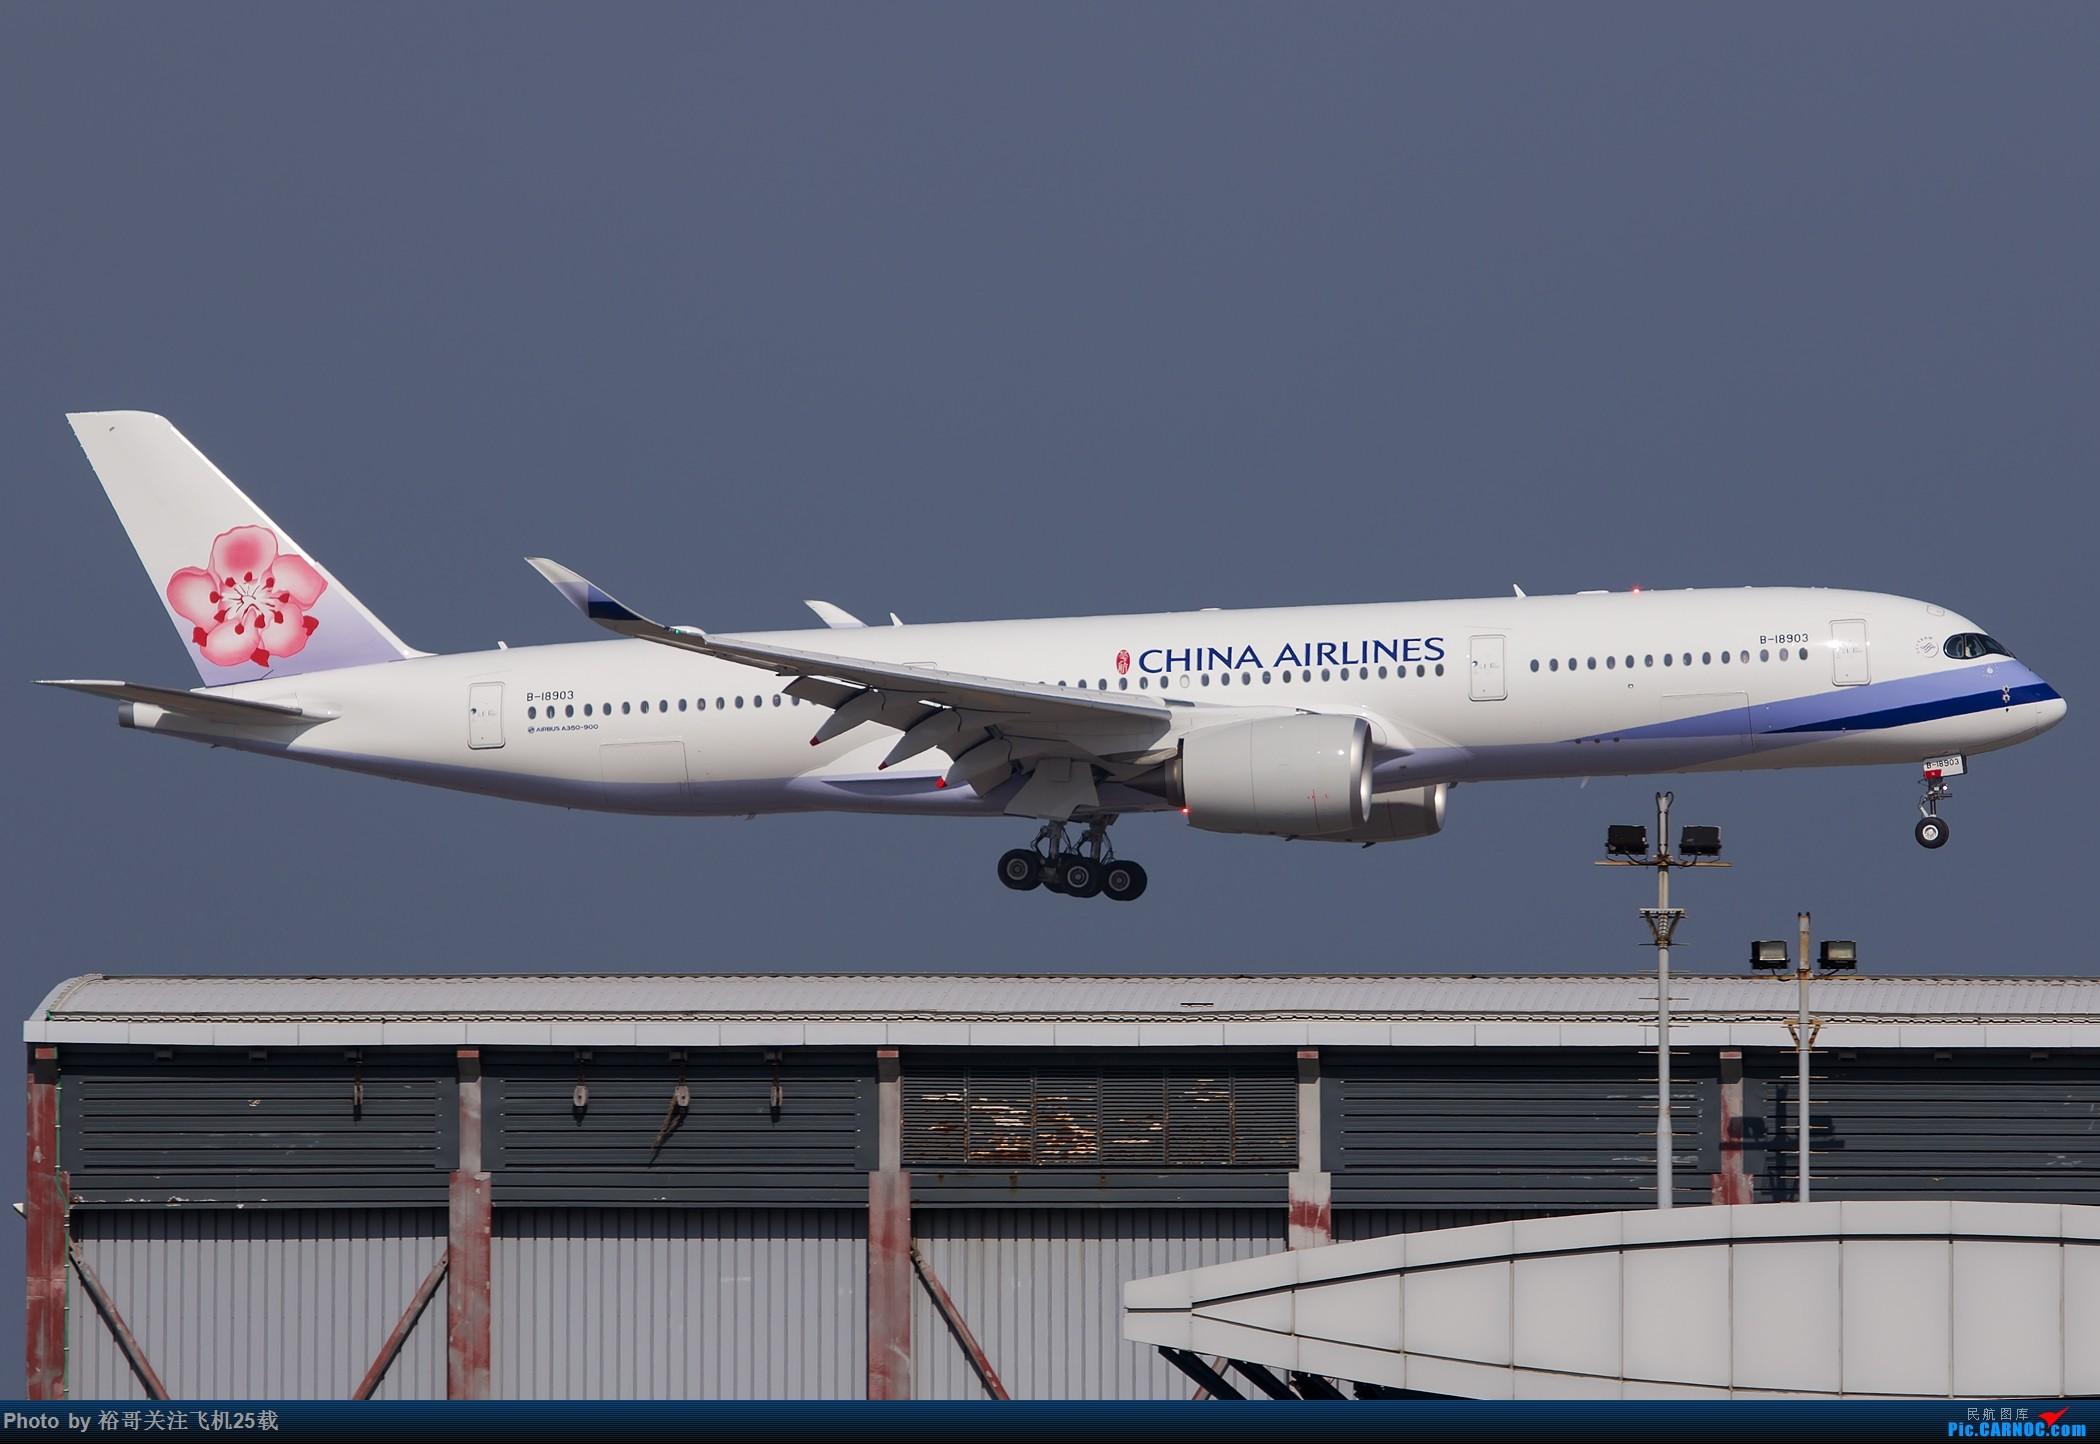 Re:[原创](南昌飞友会)吃辣椒拍机之旅 AIRBUS A350-900 B-18903 中国香港国际机场